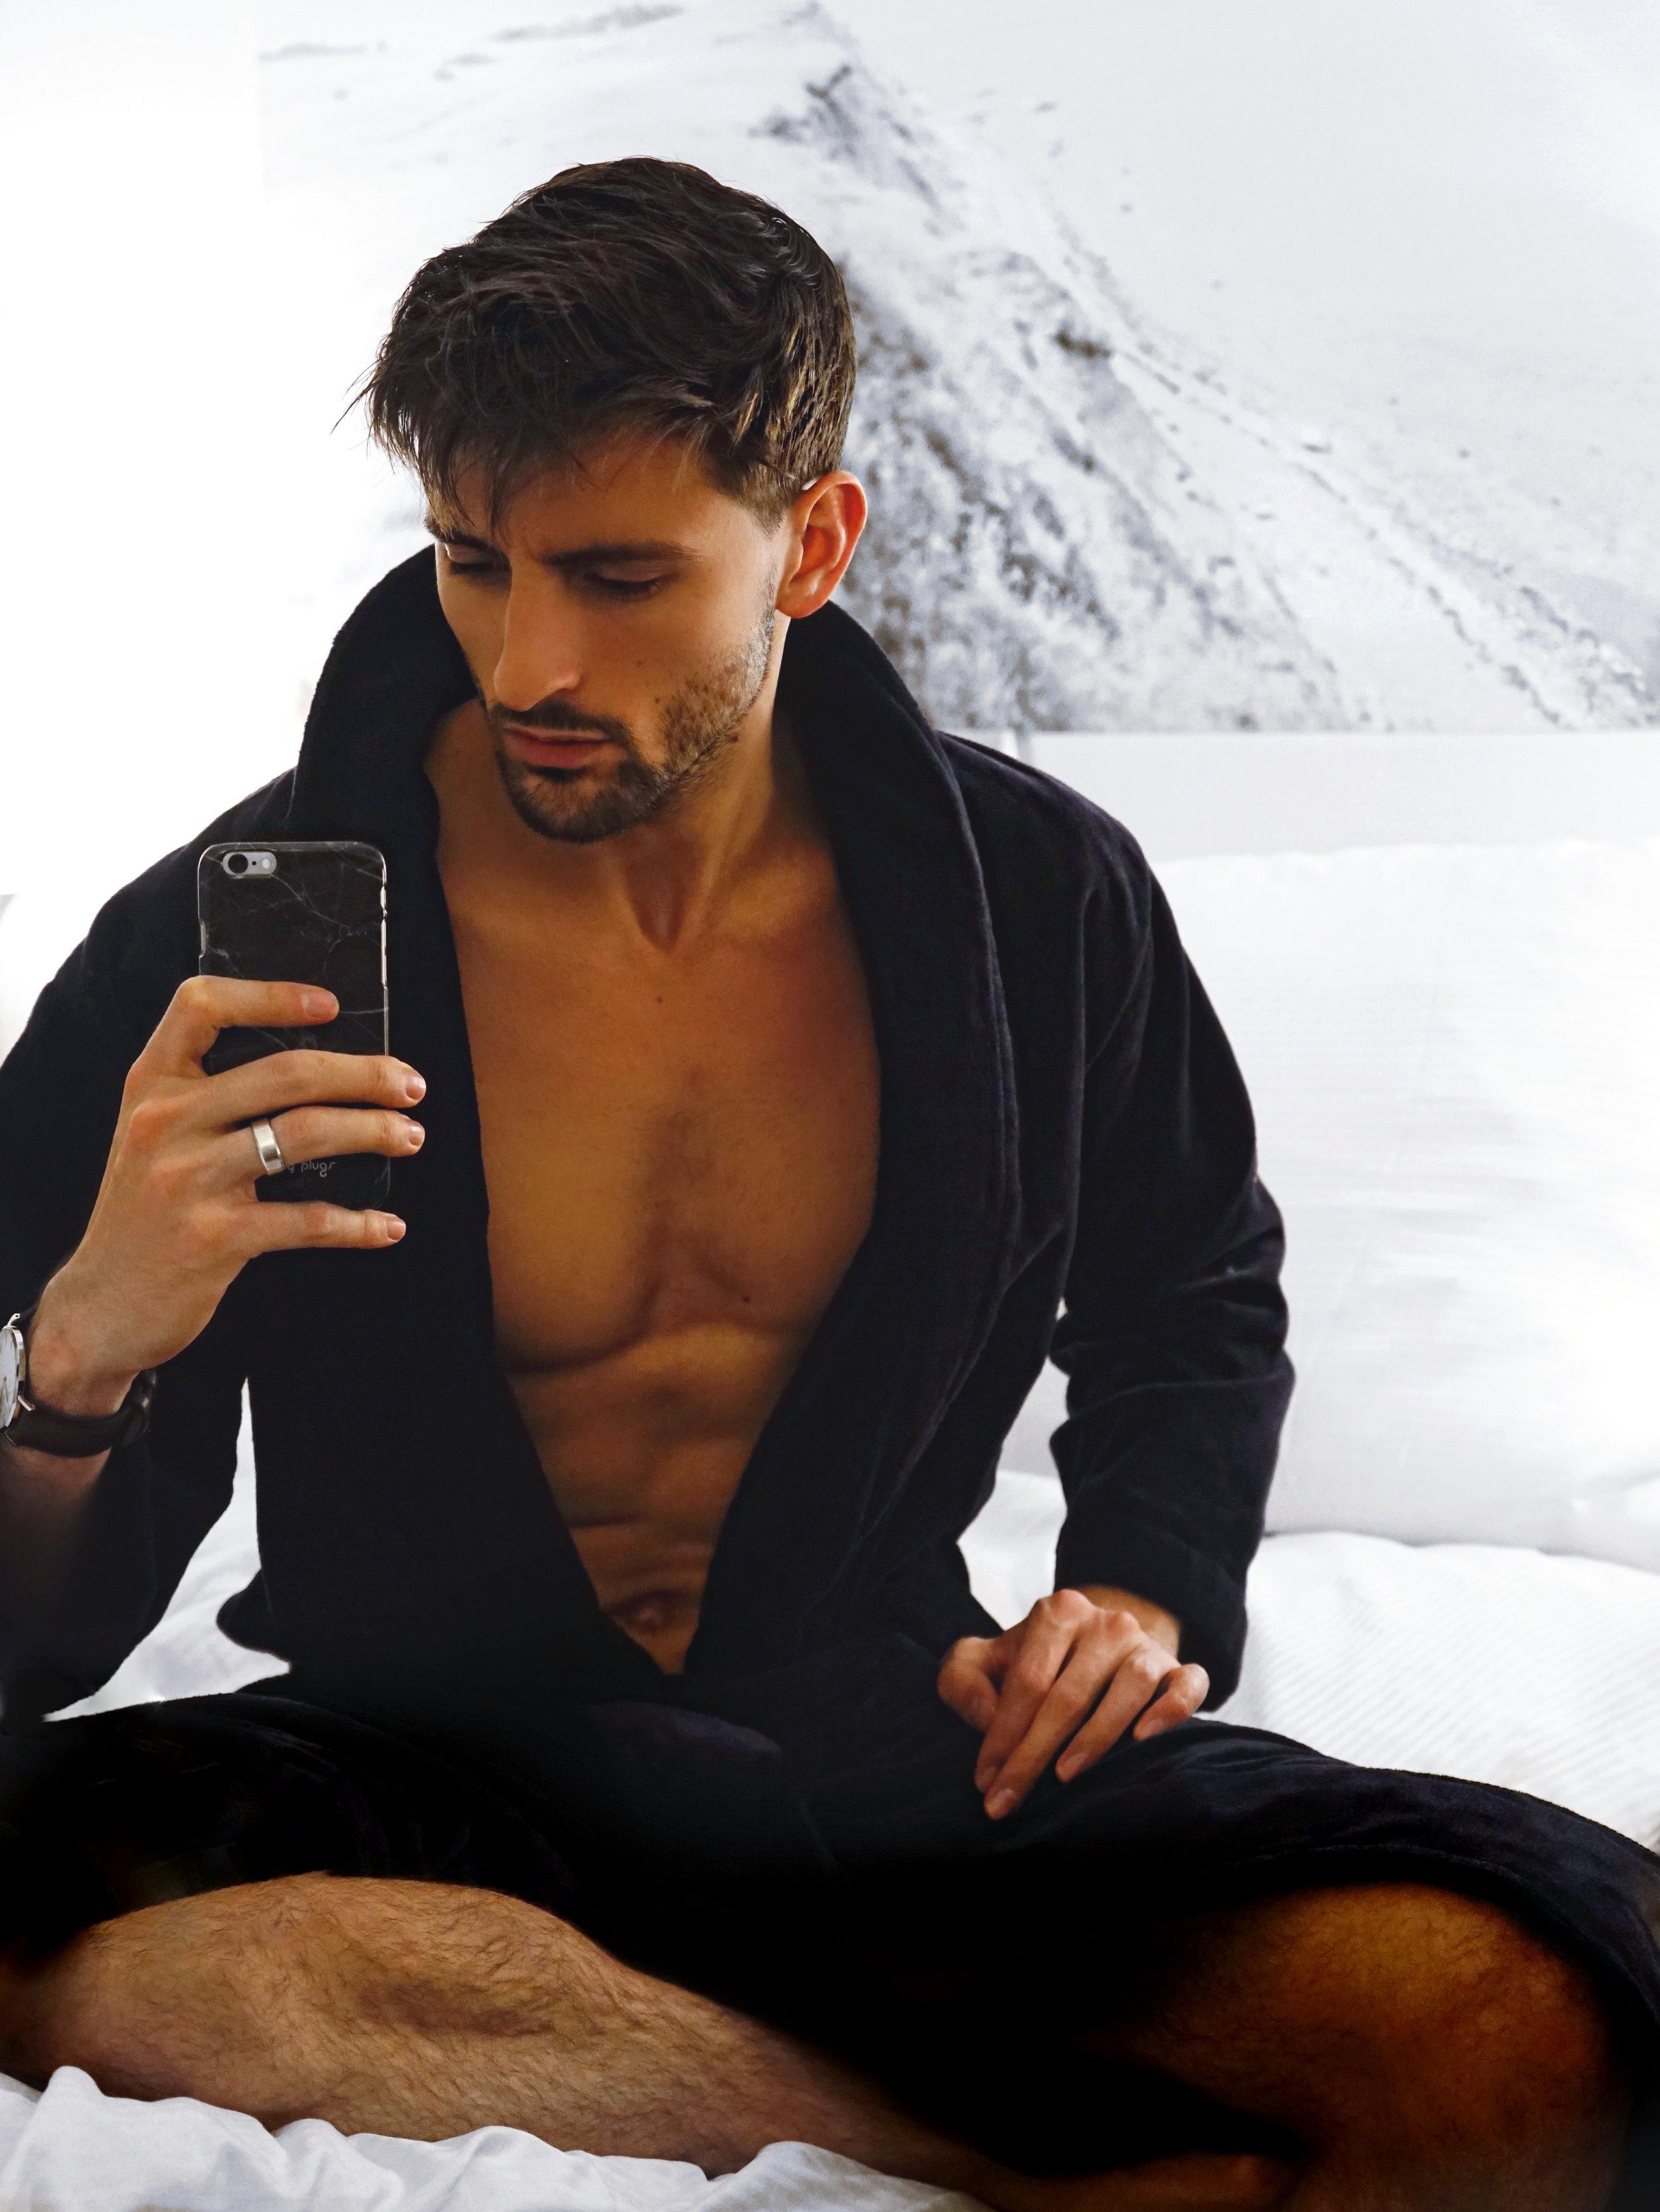 Night Clarion Zign Hotel Stockholm Bed selfie Men-3.jpg